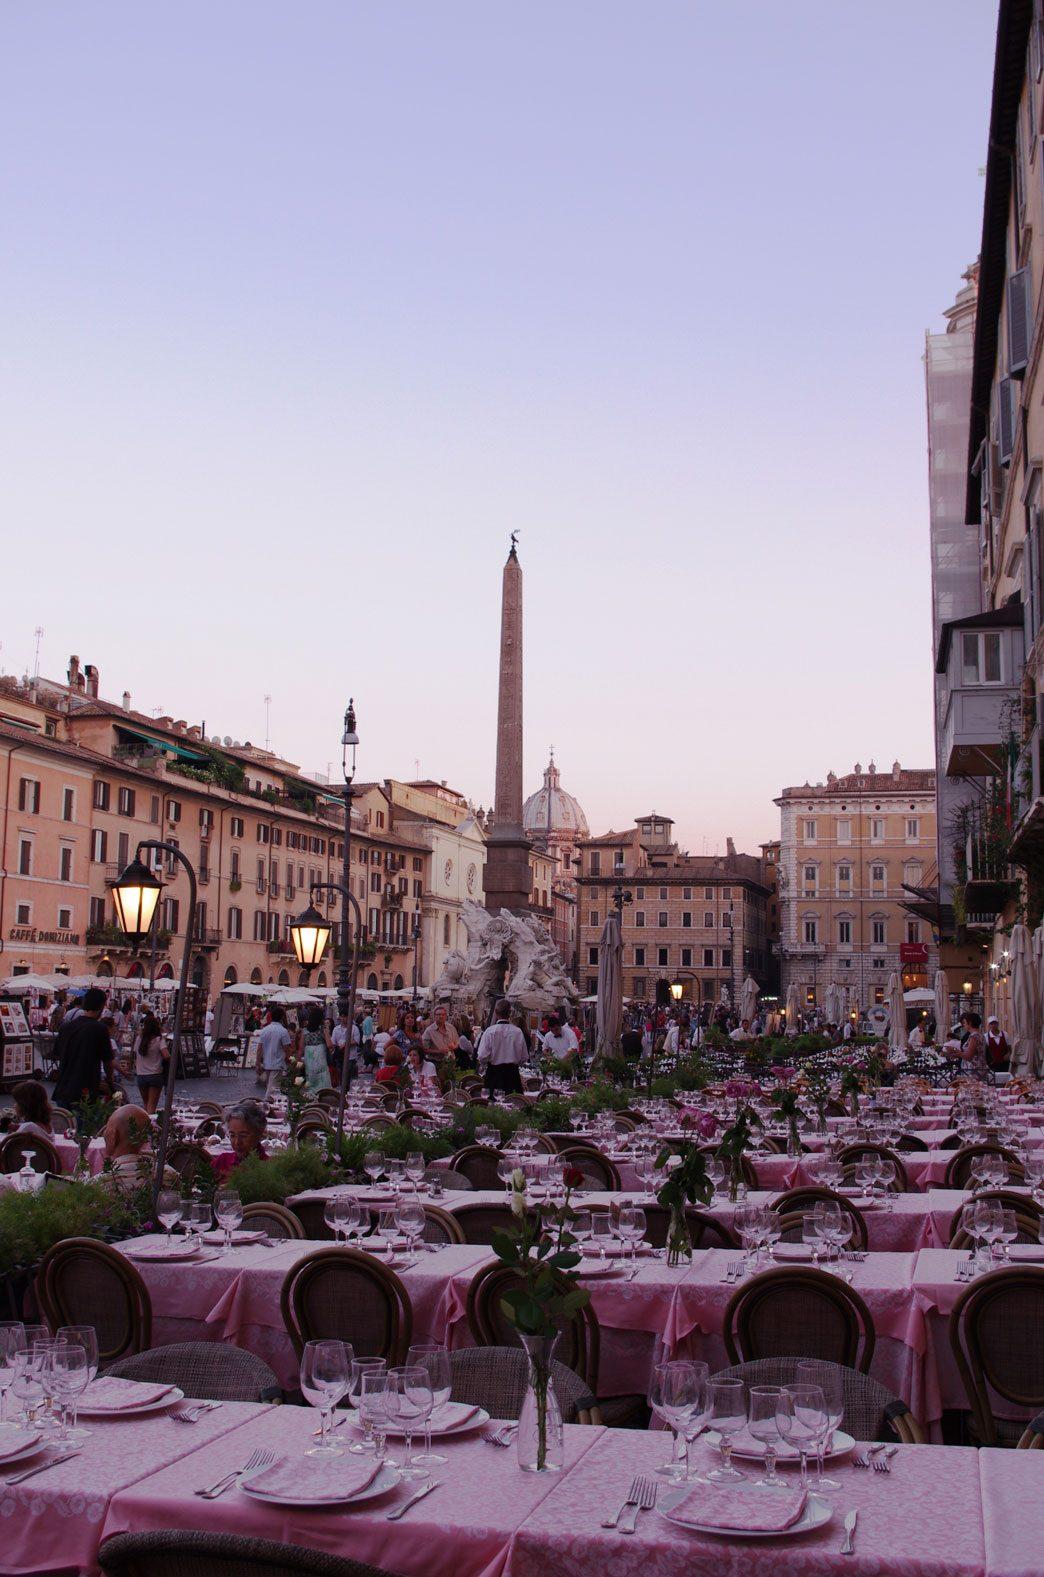 Ristorante 4fiumi piazza navona rome